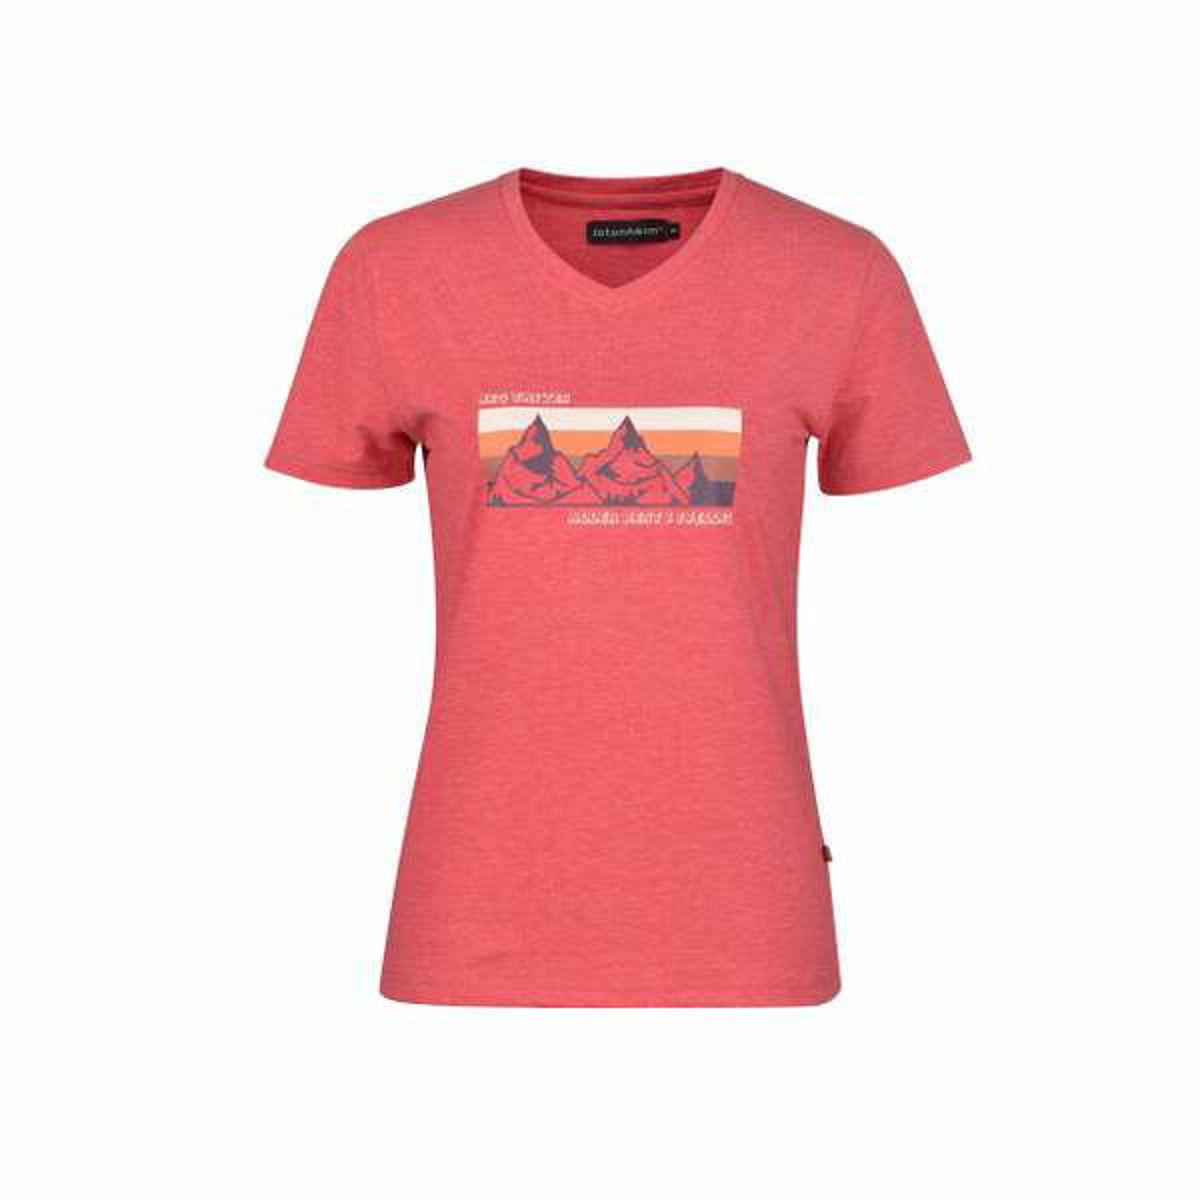 Varde-tshirt-raspberrywine